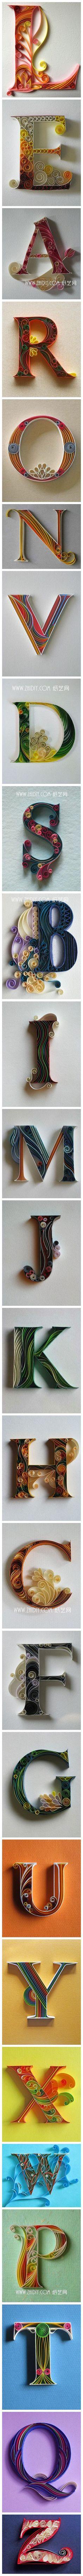 DIY paper letters